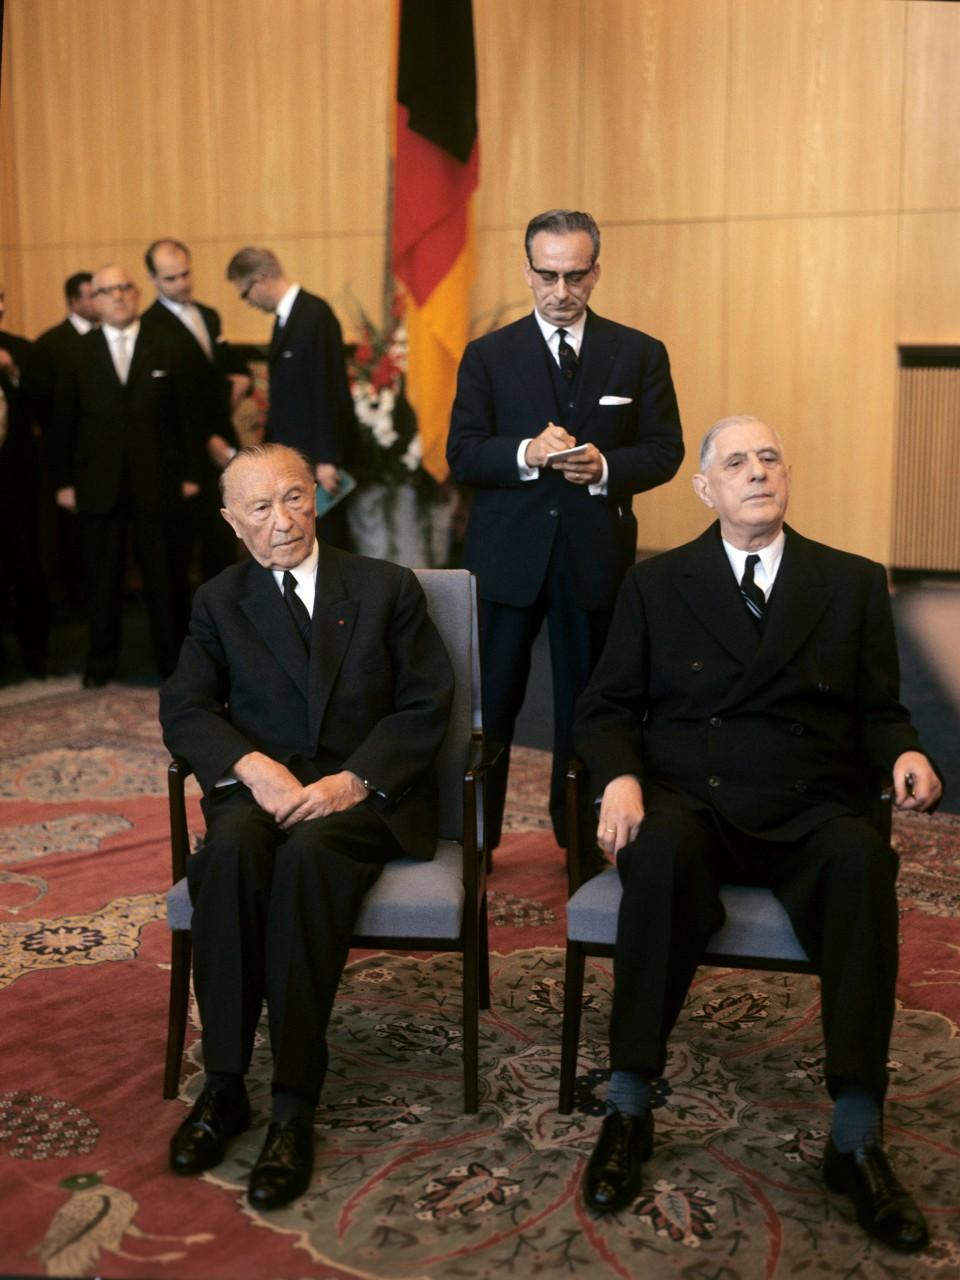 """Rencontre entre Konrad Adenauer et Charles de Gaulle à Cologne (Allemagne), septembre 1962. """"L'Europe des Six voulue par de Gaulle, c'est la France de Napoléon."""" ©DPA/Picture Alliance/Leemage"""